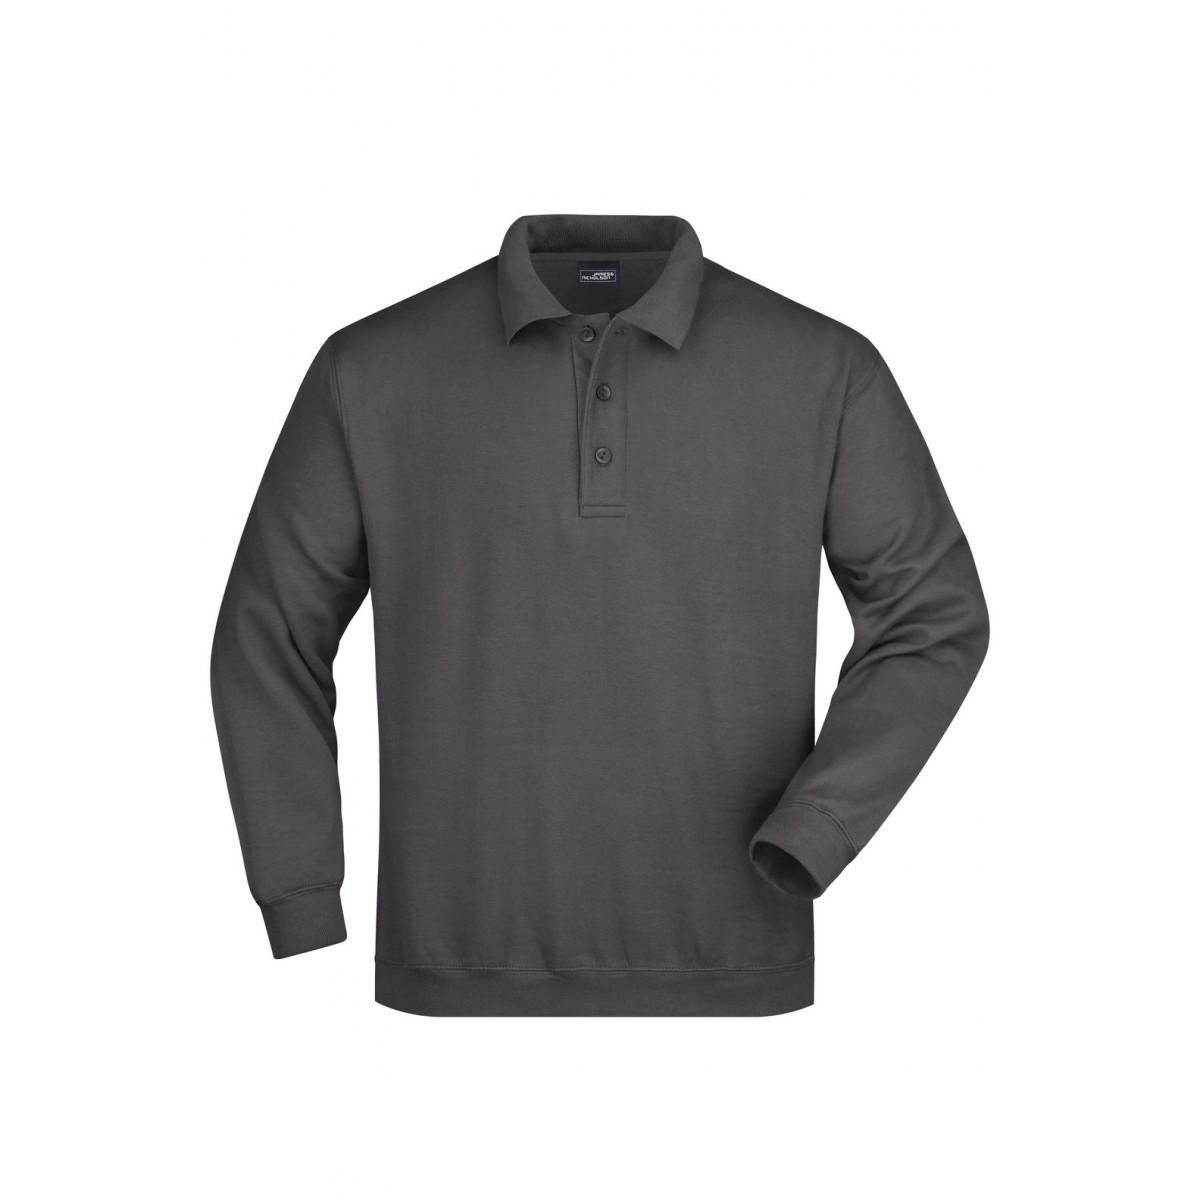 Толстовка мужская JN041 Polo Sweat Heavy - Карбон